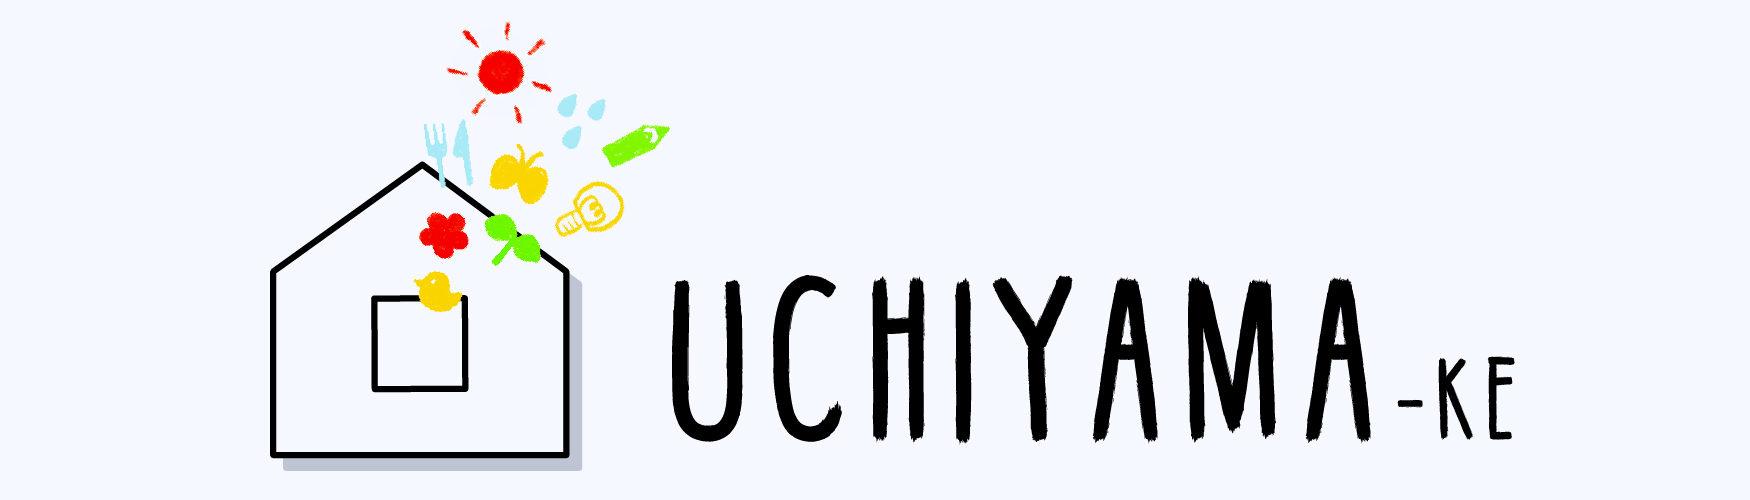 UCHIYAMA-KE